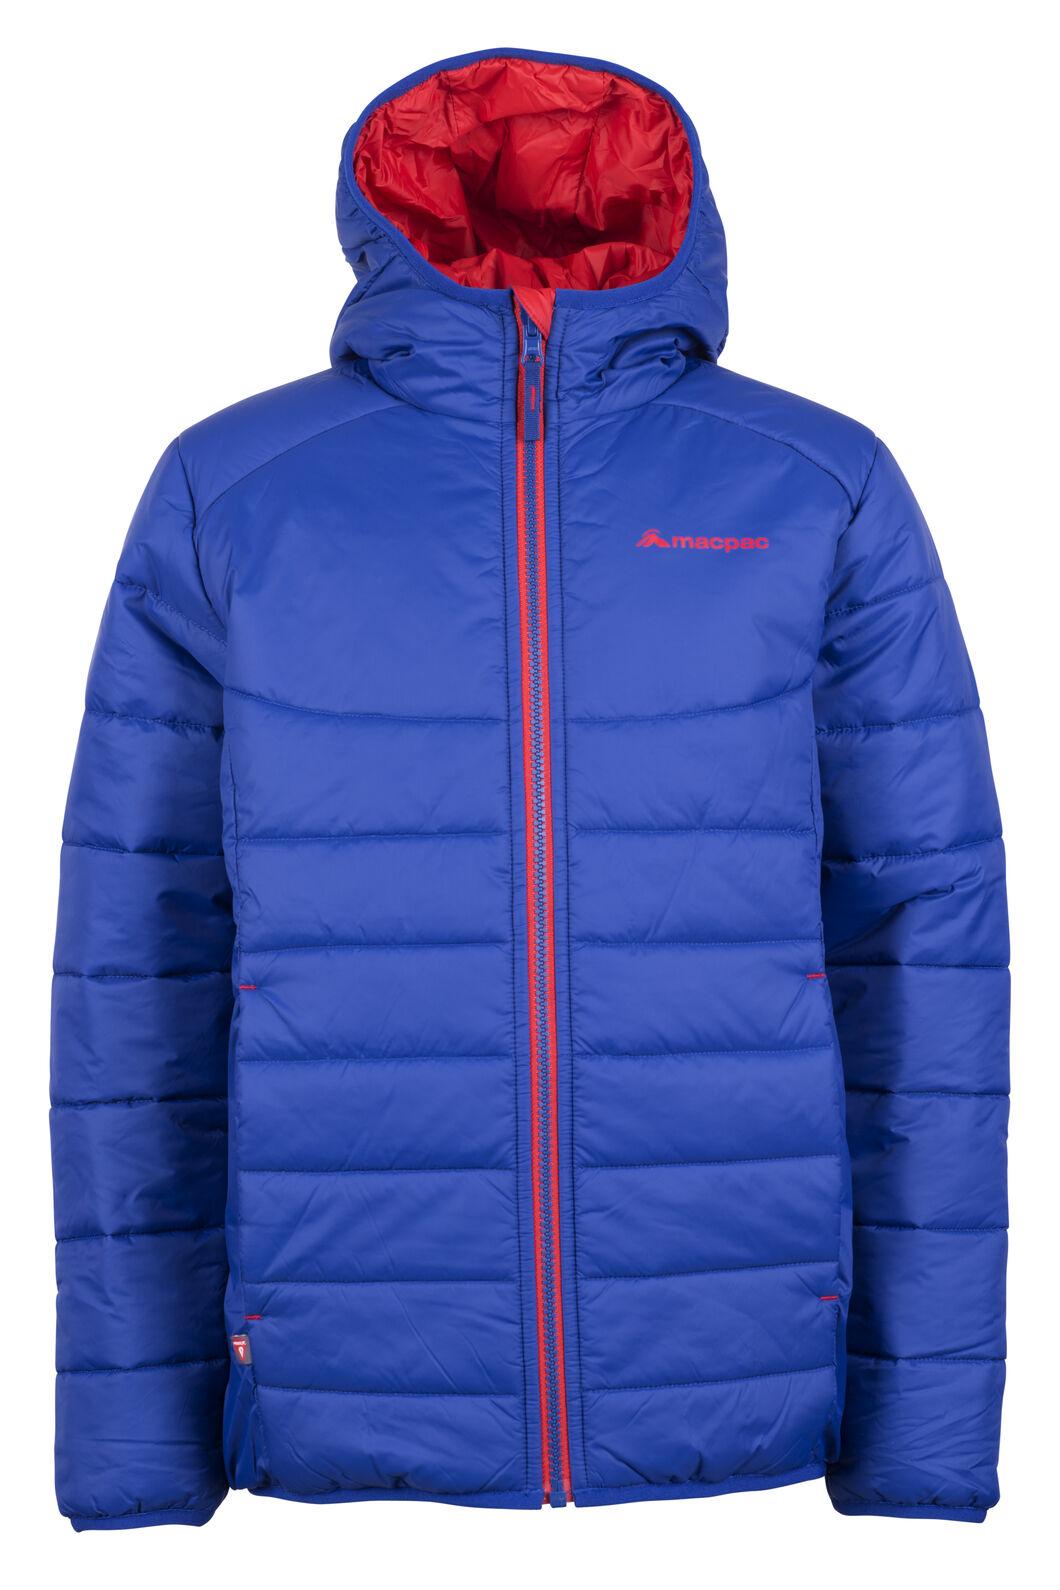 Pulsar Hooded Primaloft® SILVER Jacket - Kids', Sodalite Blue, hi-res